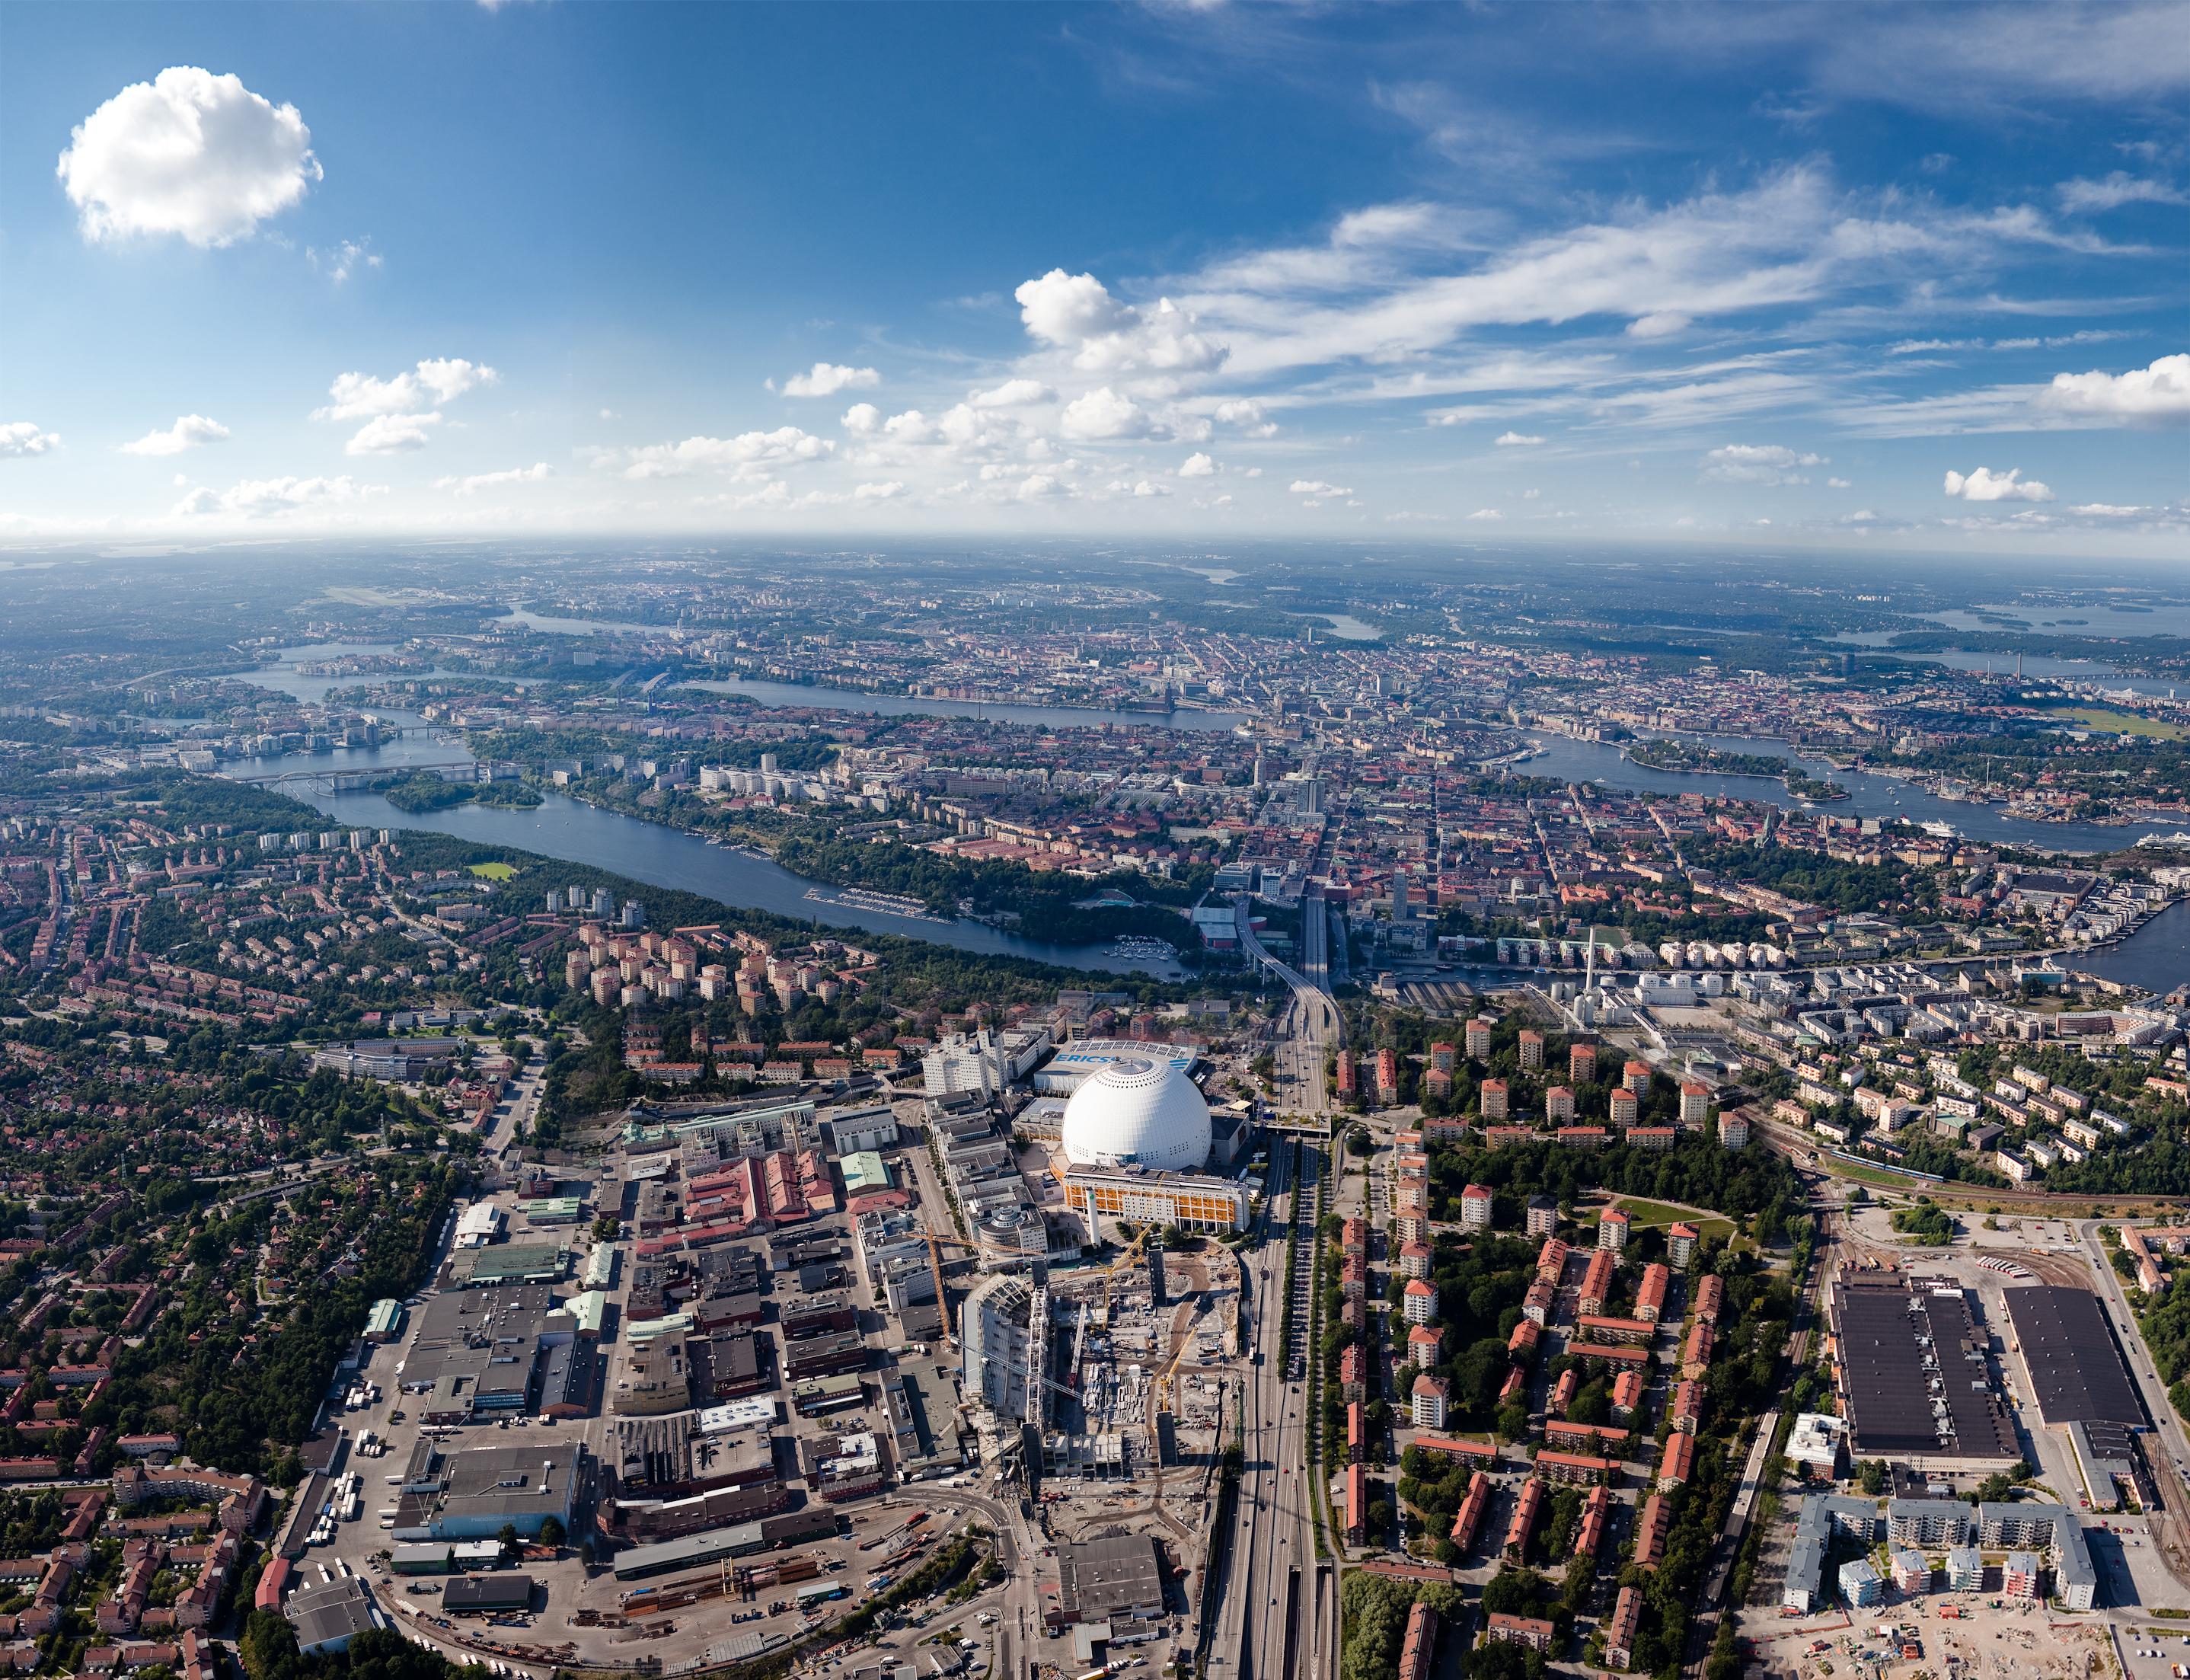 Flygbild_Globenområdet_Stockholmsarenan